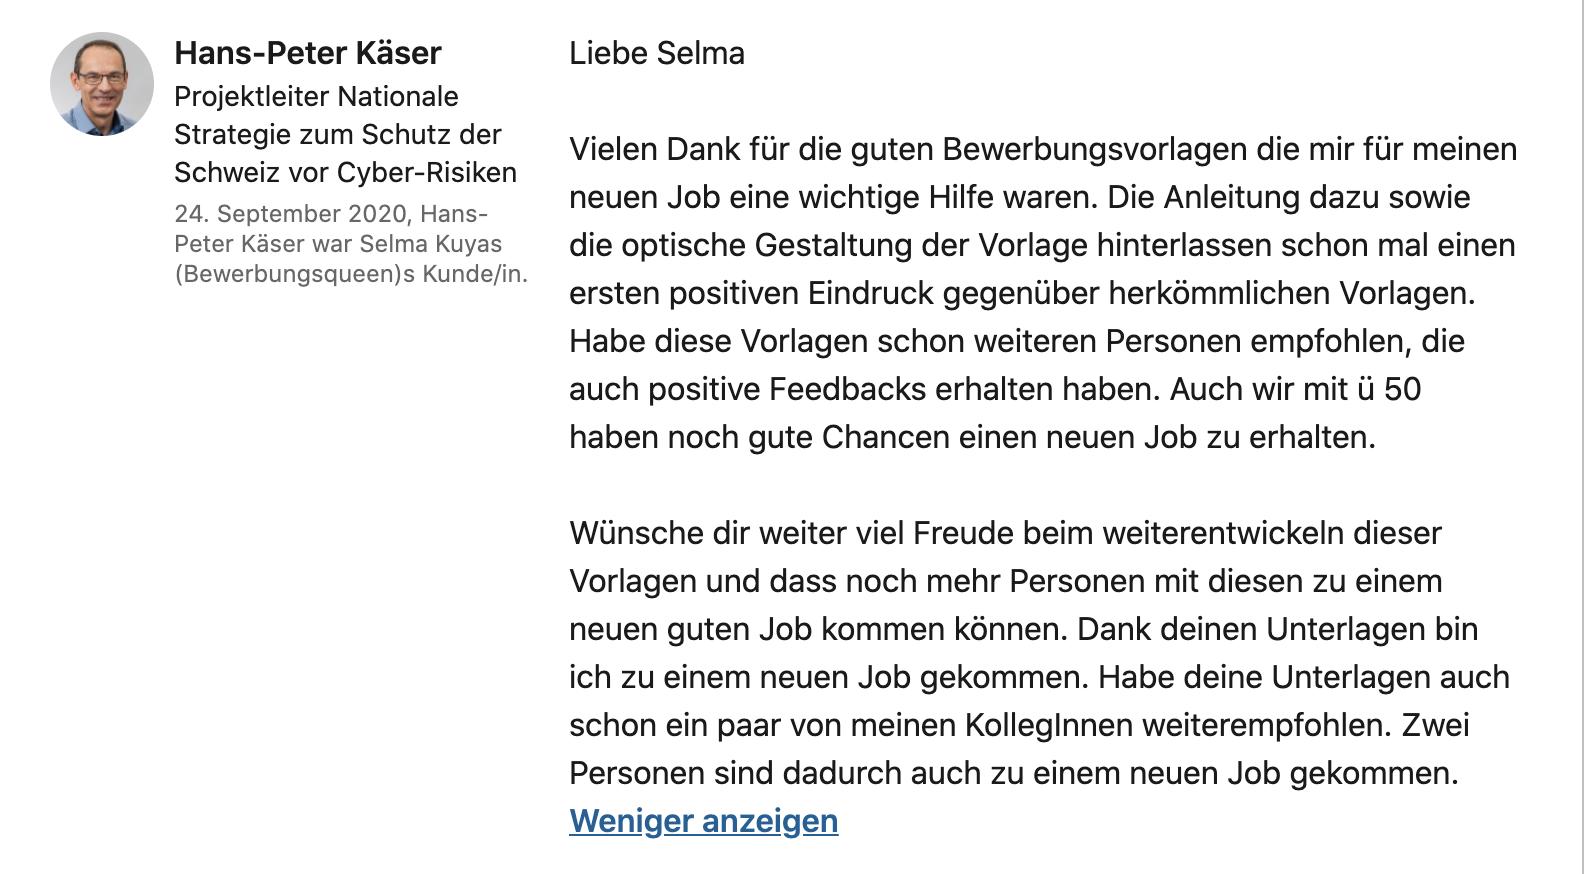 Testimonial Hans-Peter